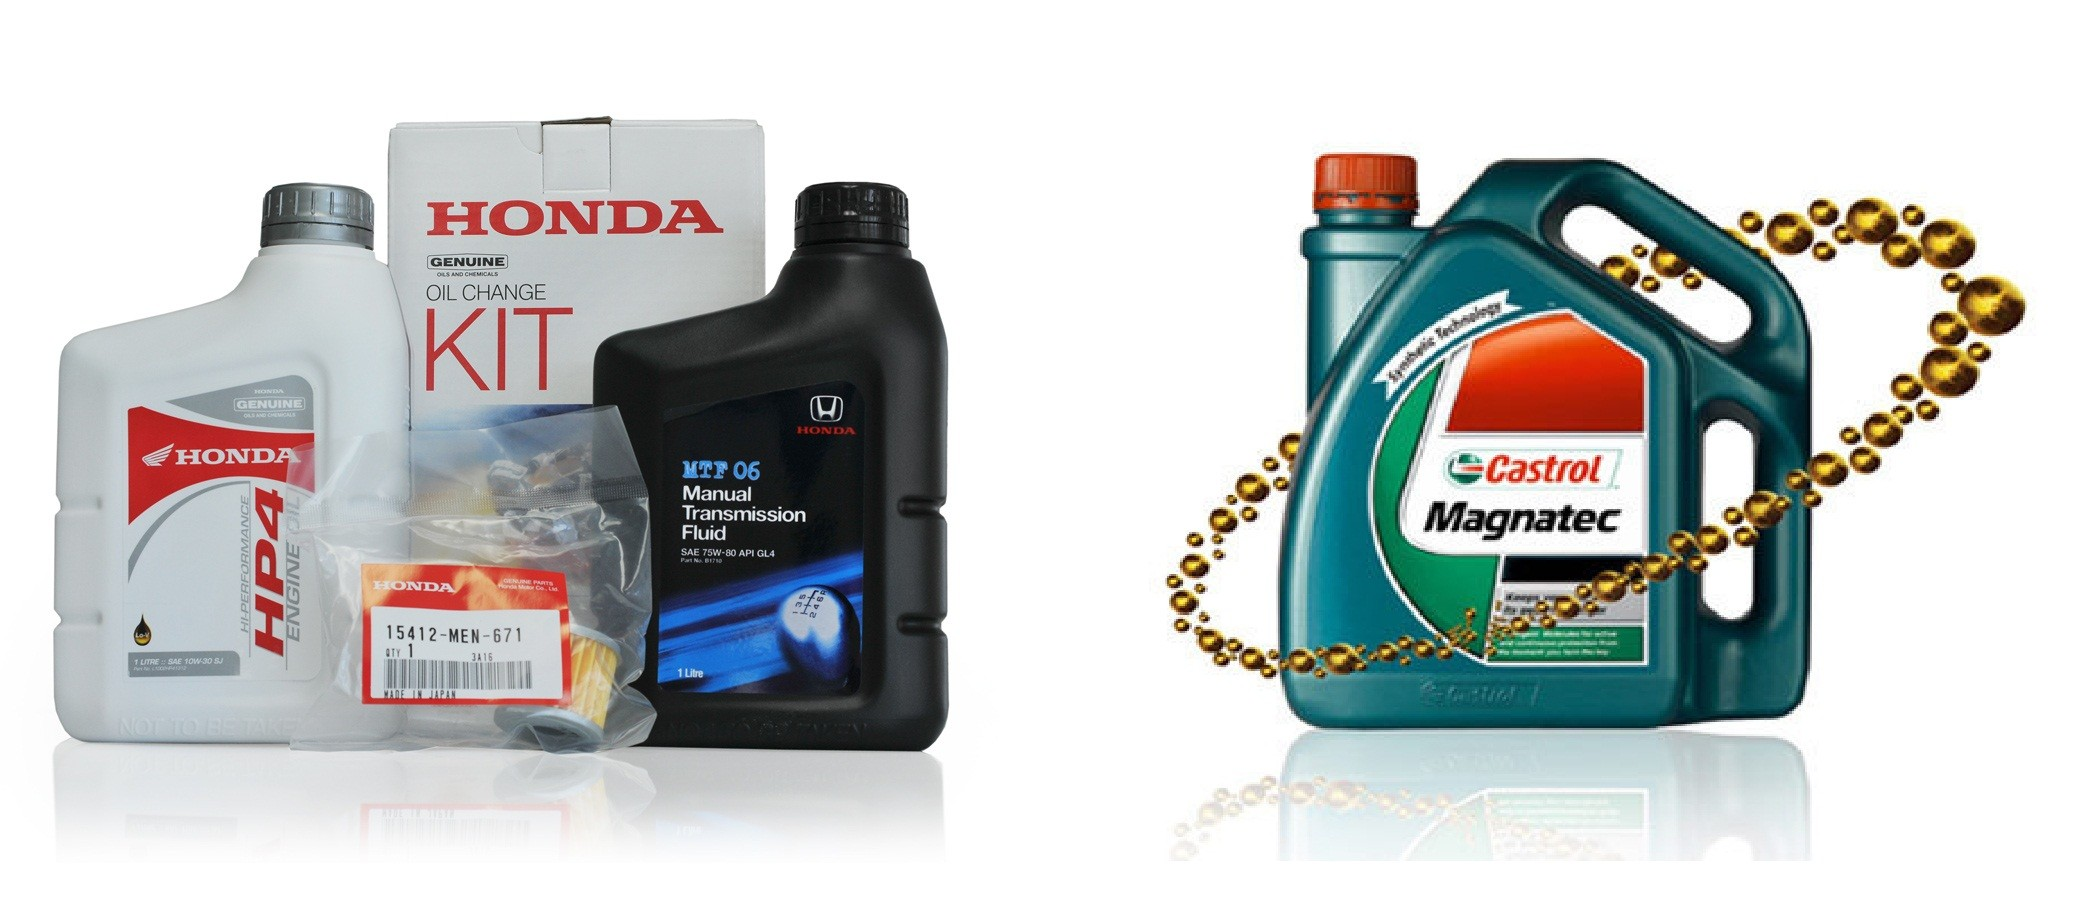 Kinh nghiệm lựa chọn dầu nhớt cho xe ô tô - lựa chọn đúng loại dầu nhớt